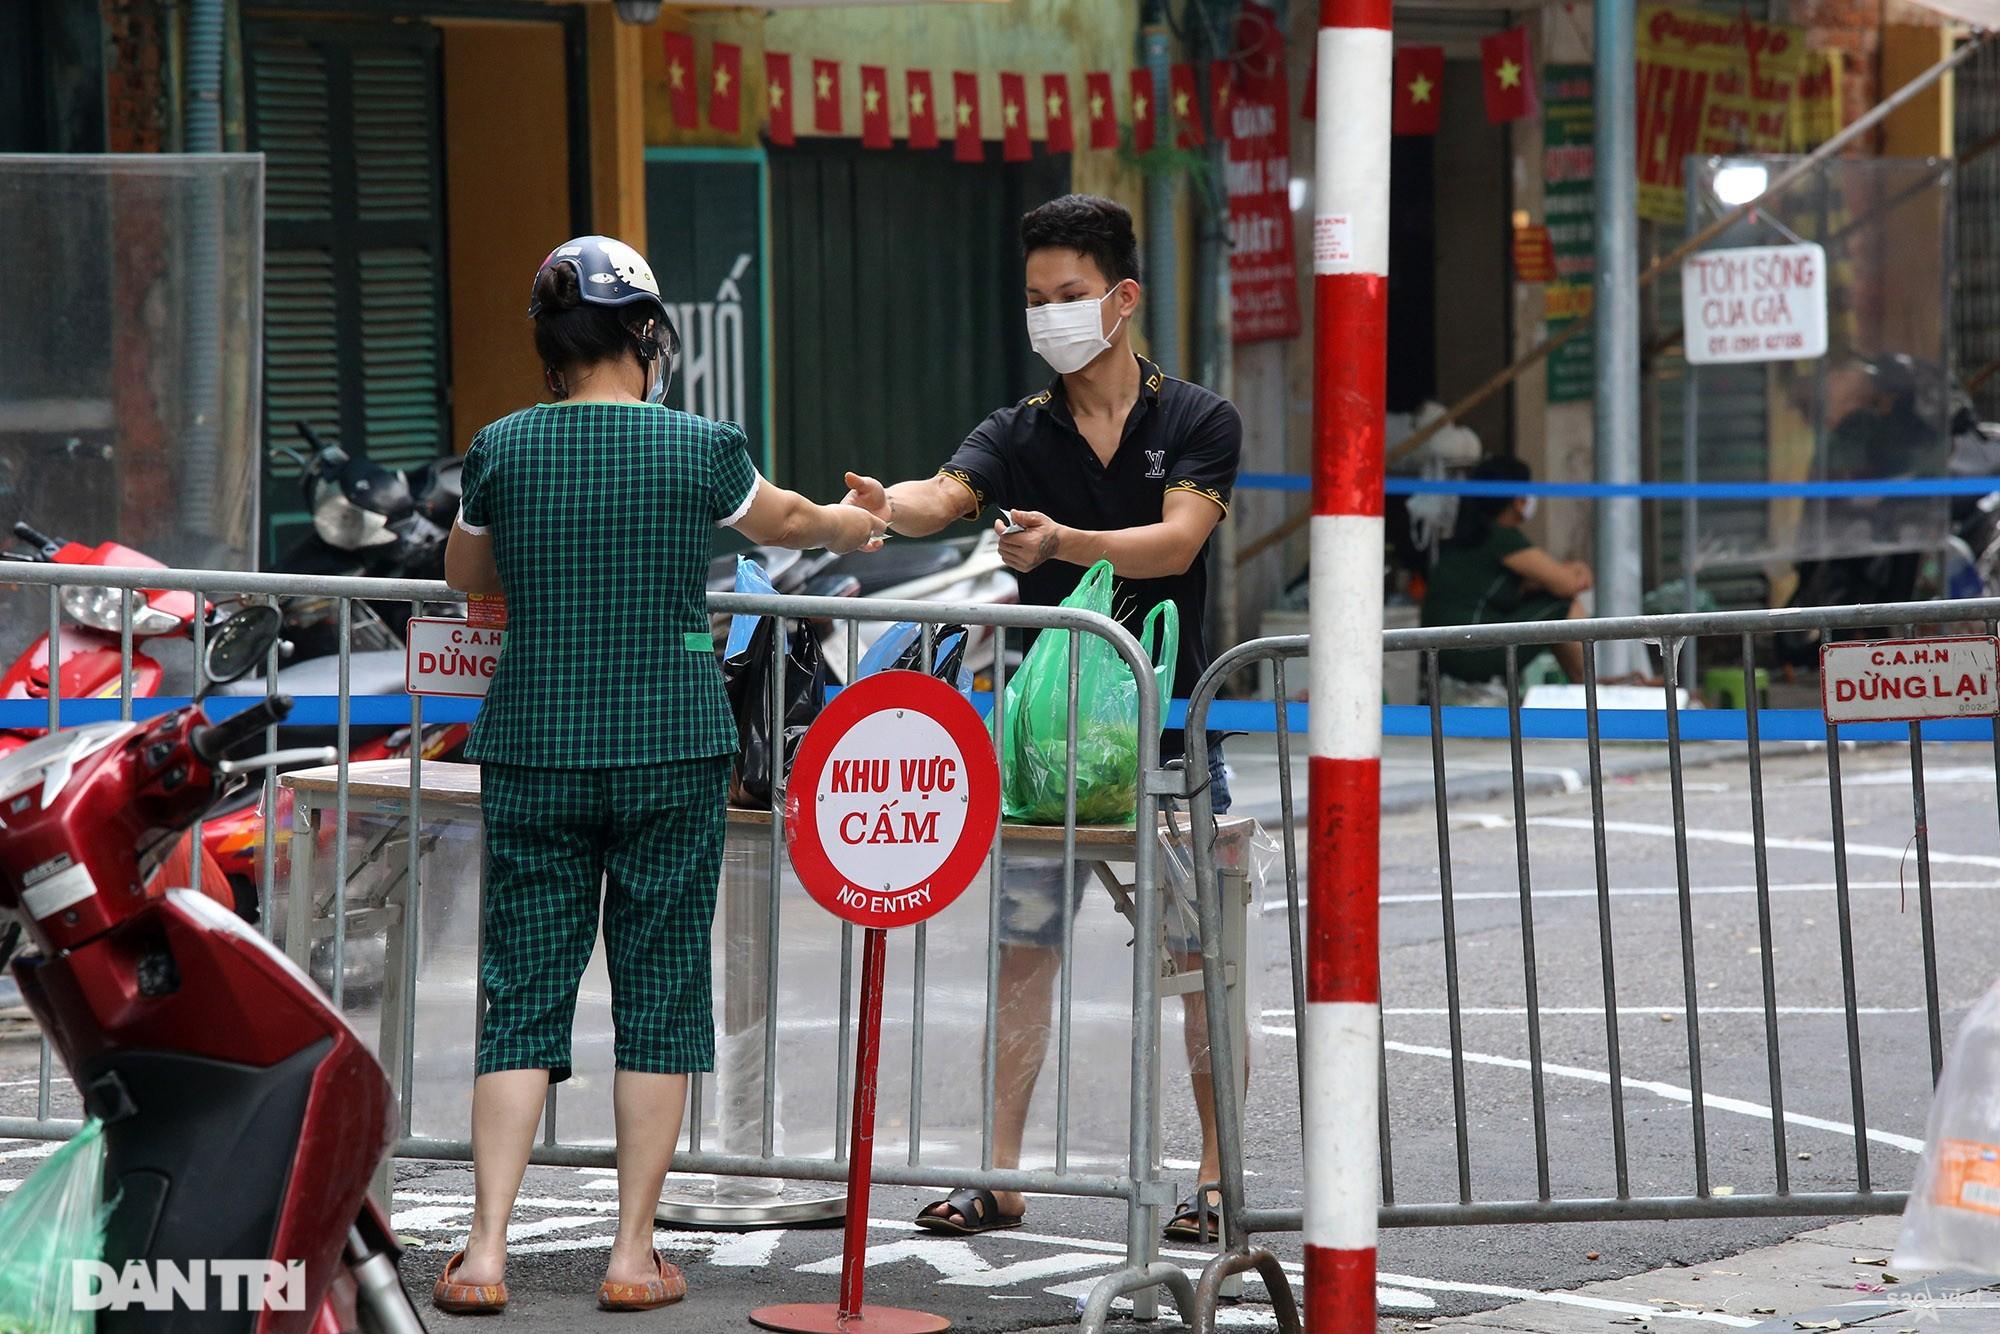 Mới lạ cảnh mua bán bằng ám hiệu ngón tay ở chợ nhà giàu phố cổ Hà Nội - 12